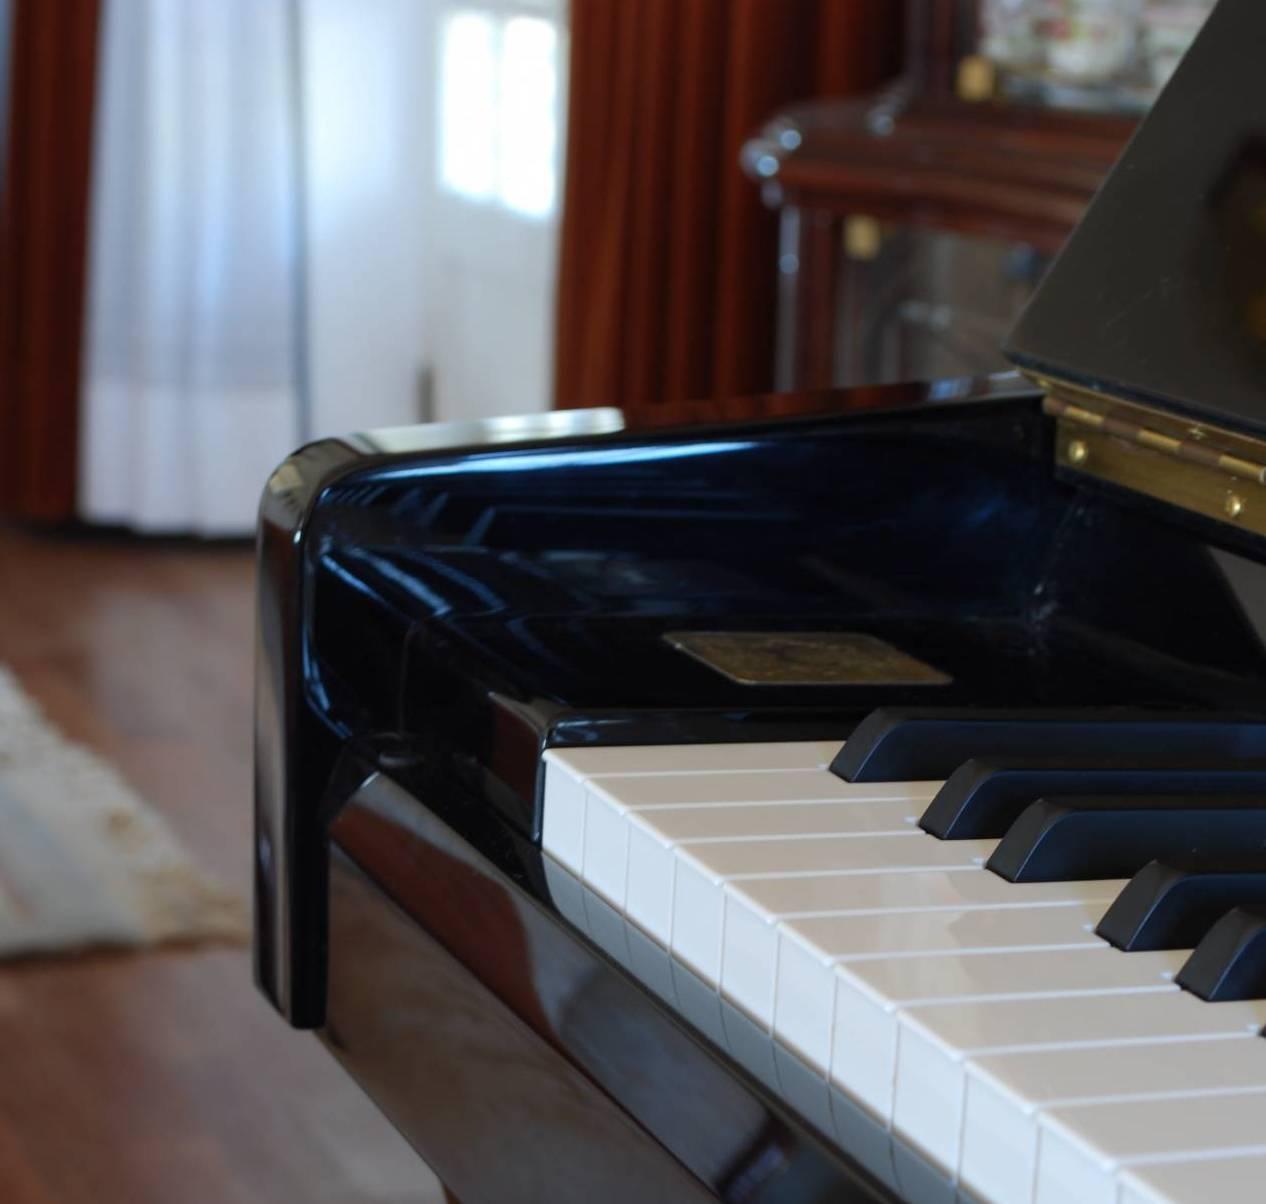 私はピアニスト!第17話―障害者だから助けるのではなく同じ人間同士として困っているから助ける事は大切ですよね!